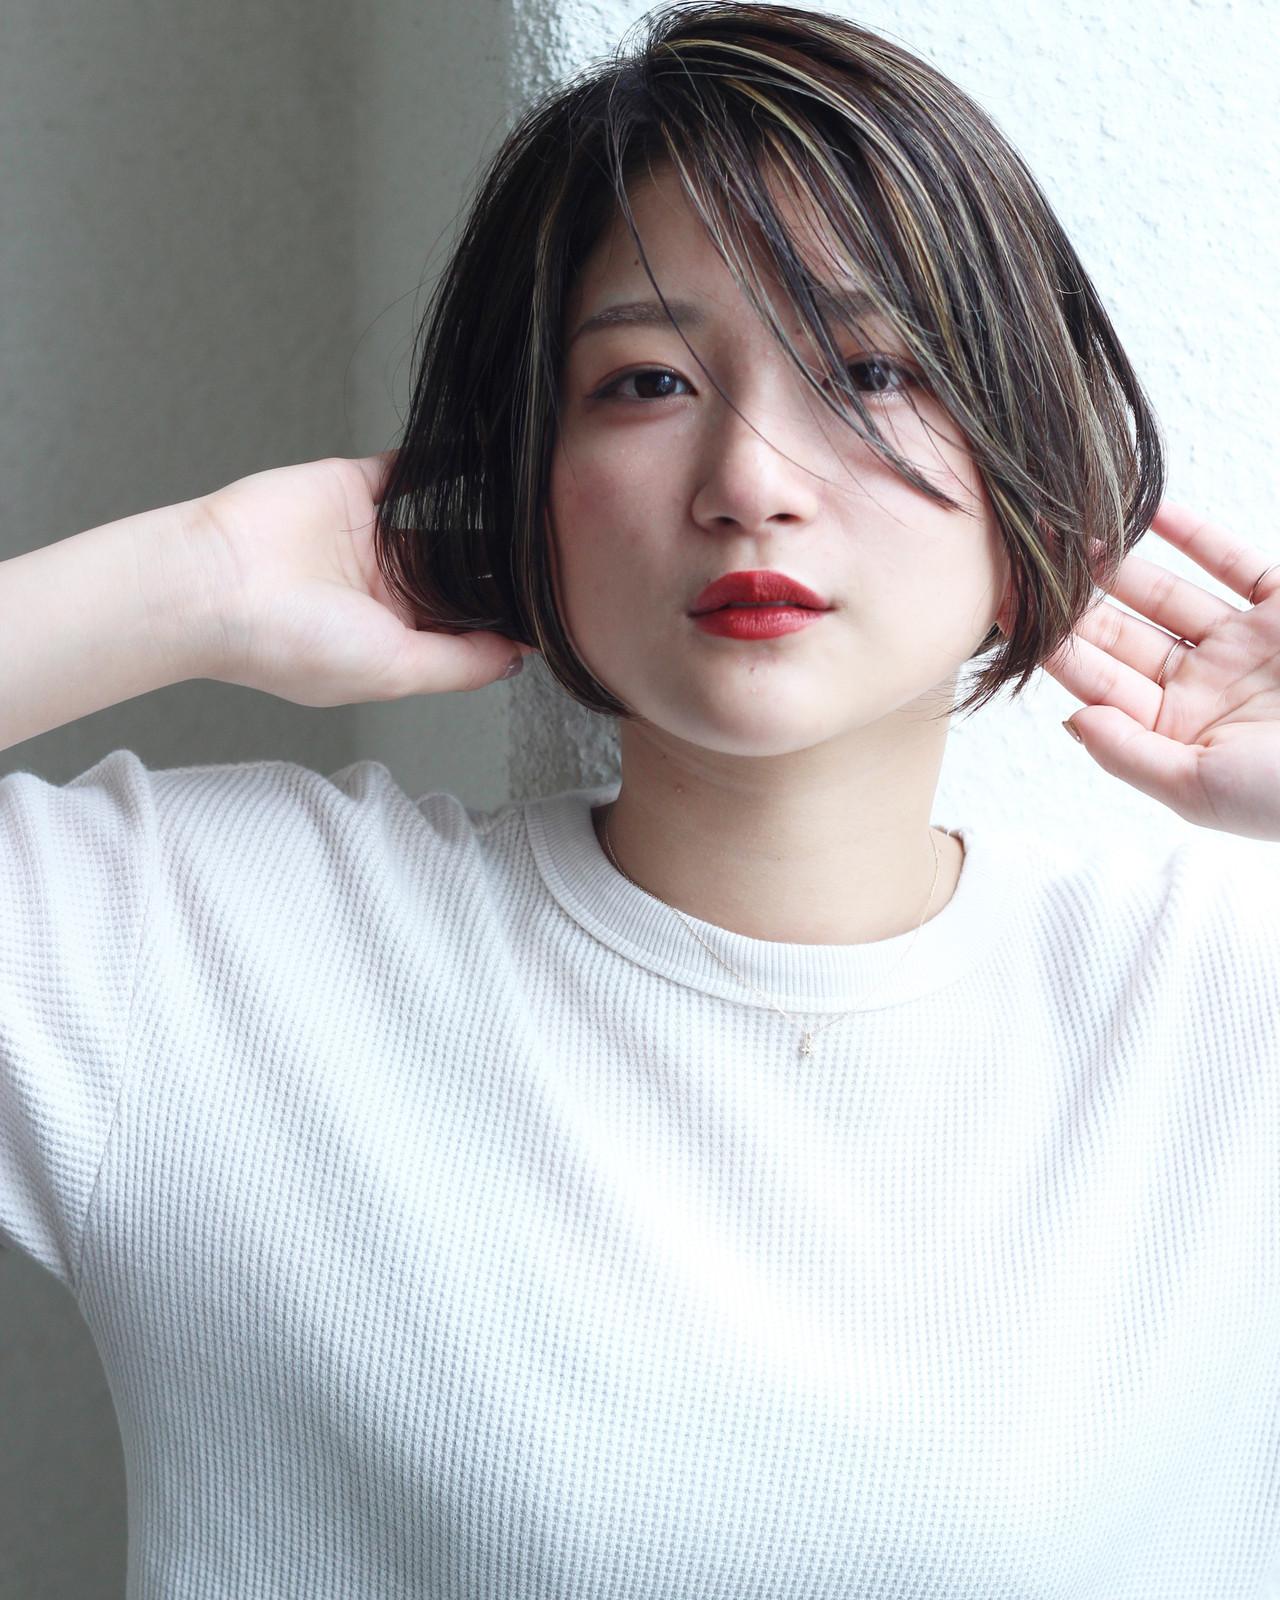 ベース顔さん×ショートボブのポイント 松田 和幸 / K.Y.A.